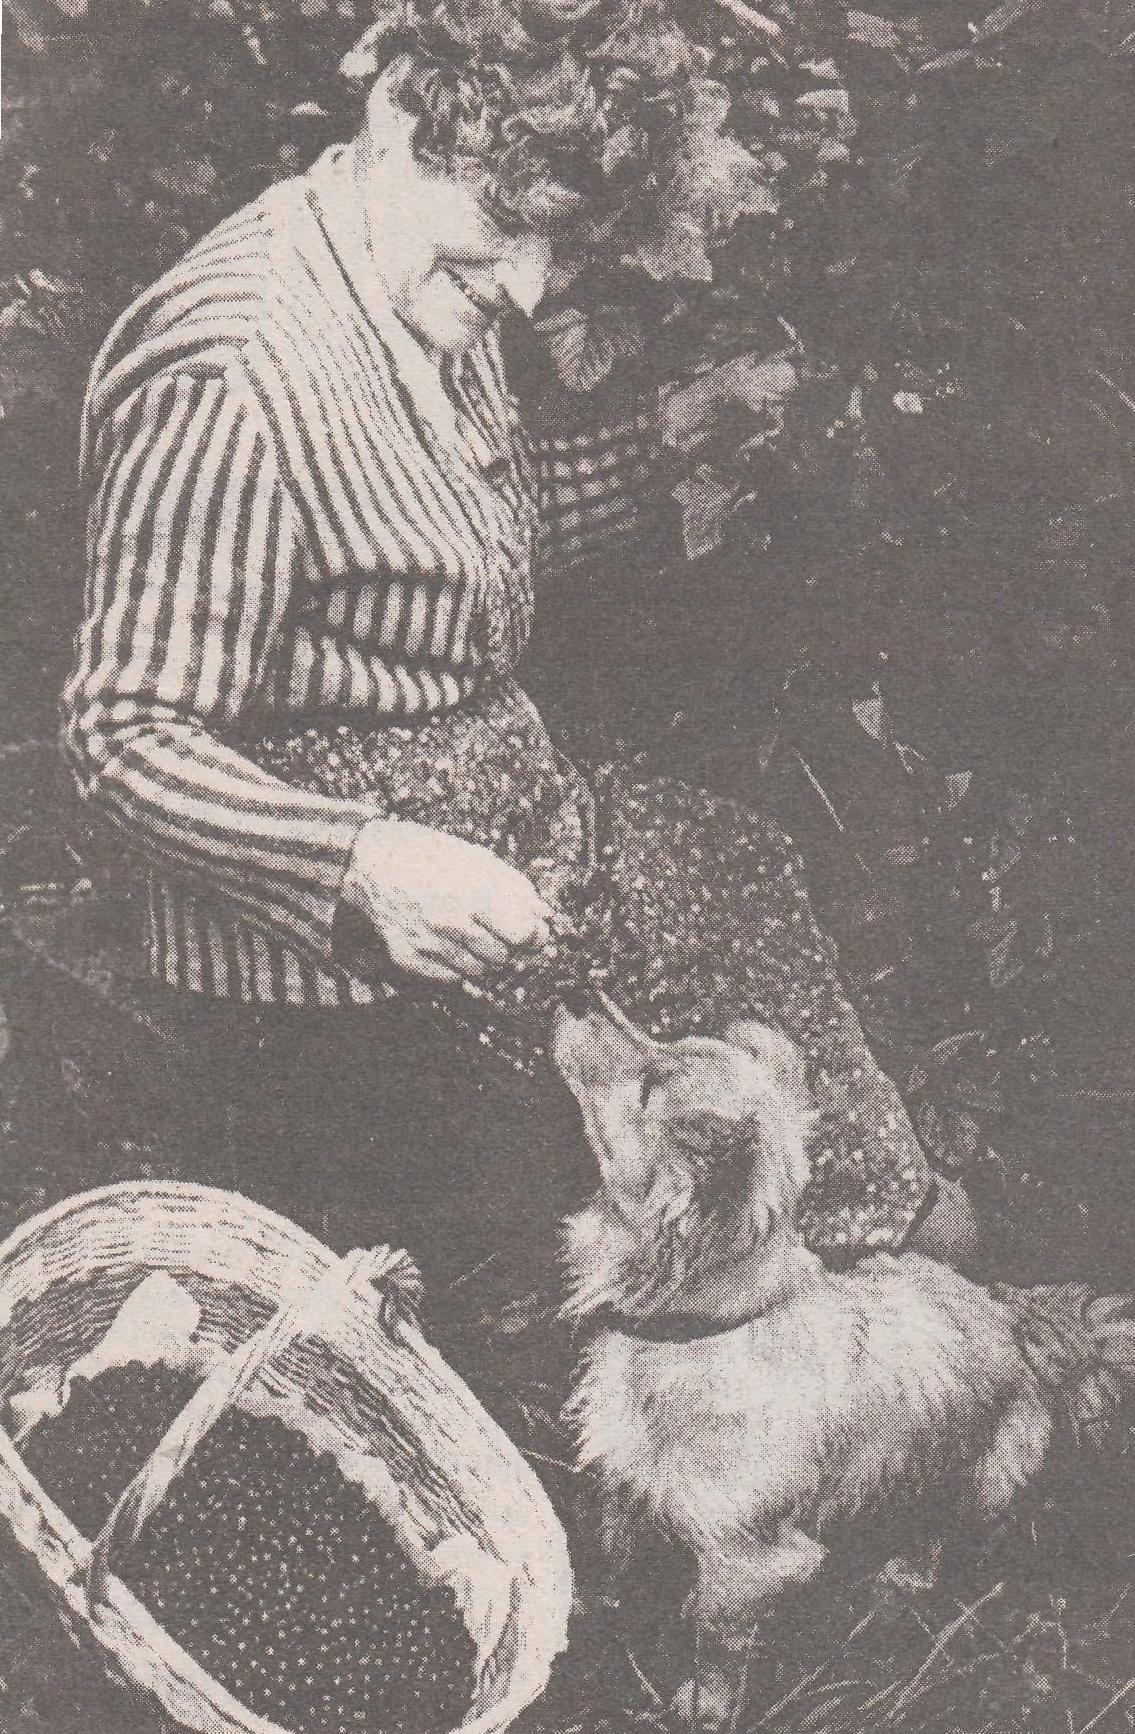 А.В. Винокурова со своим верным другом Дружком